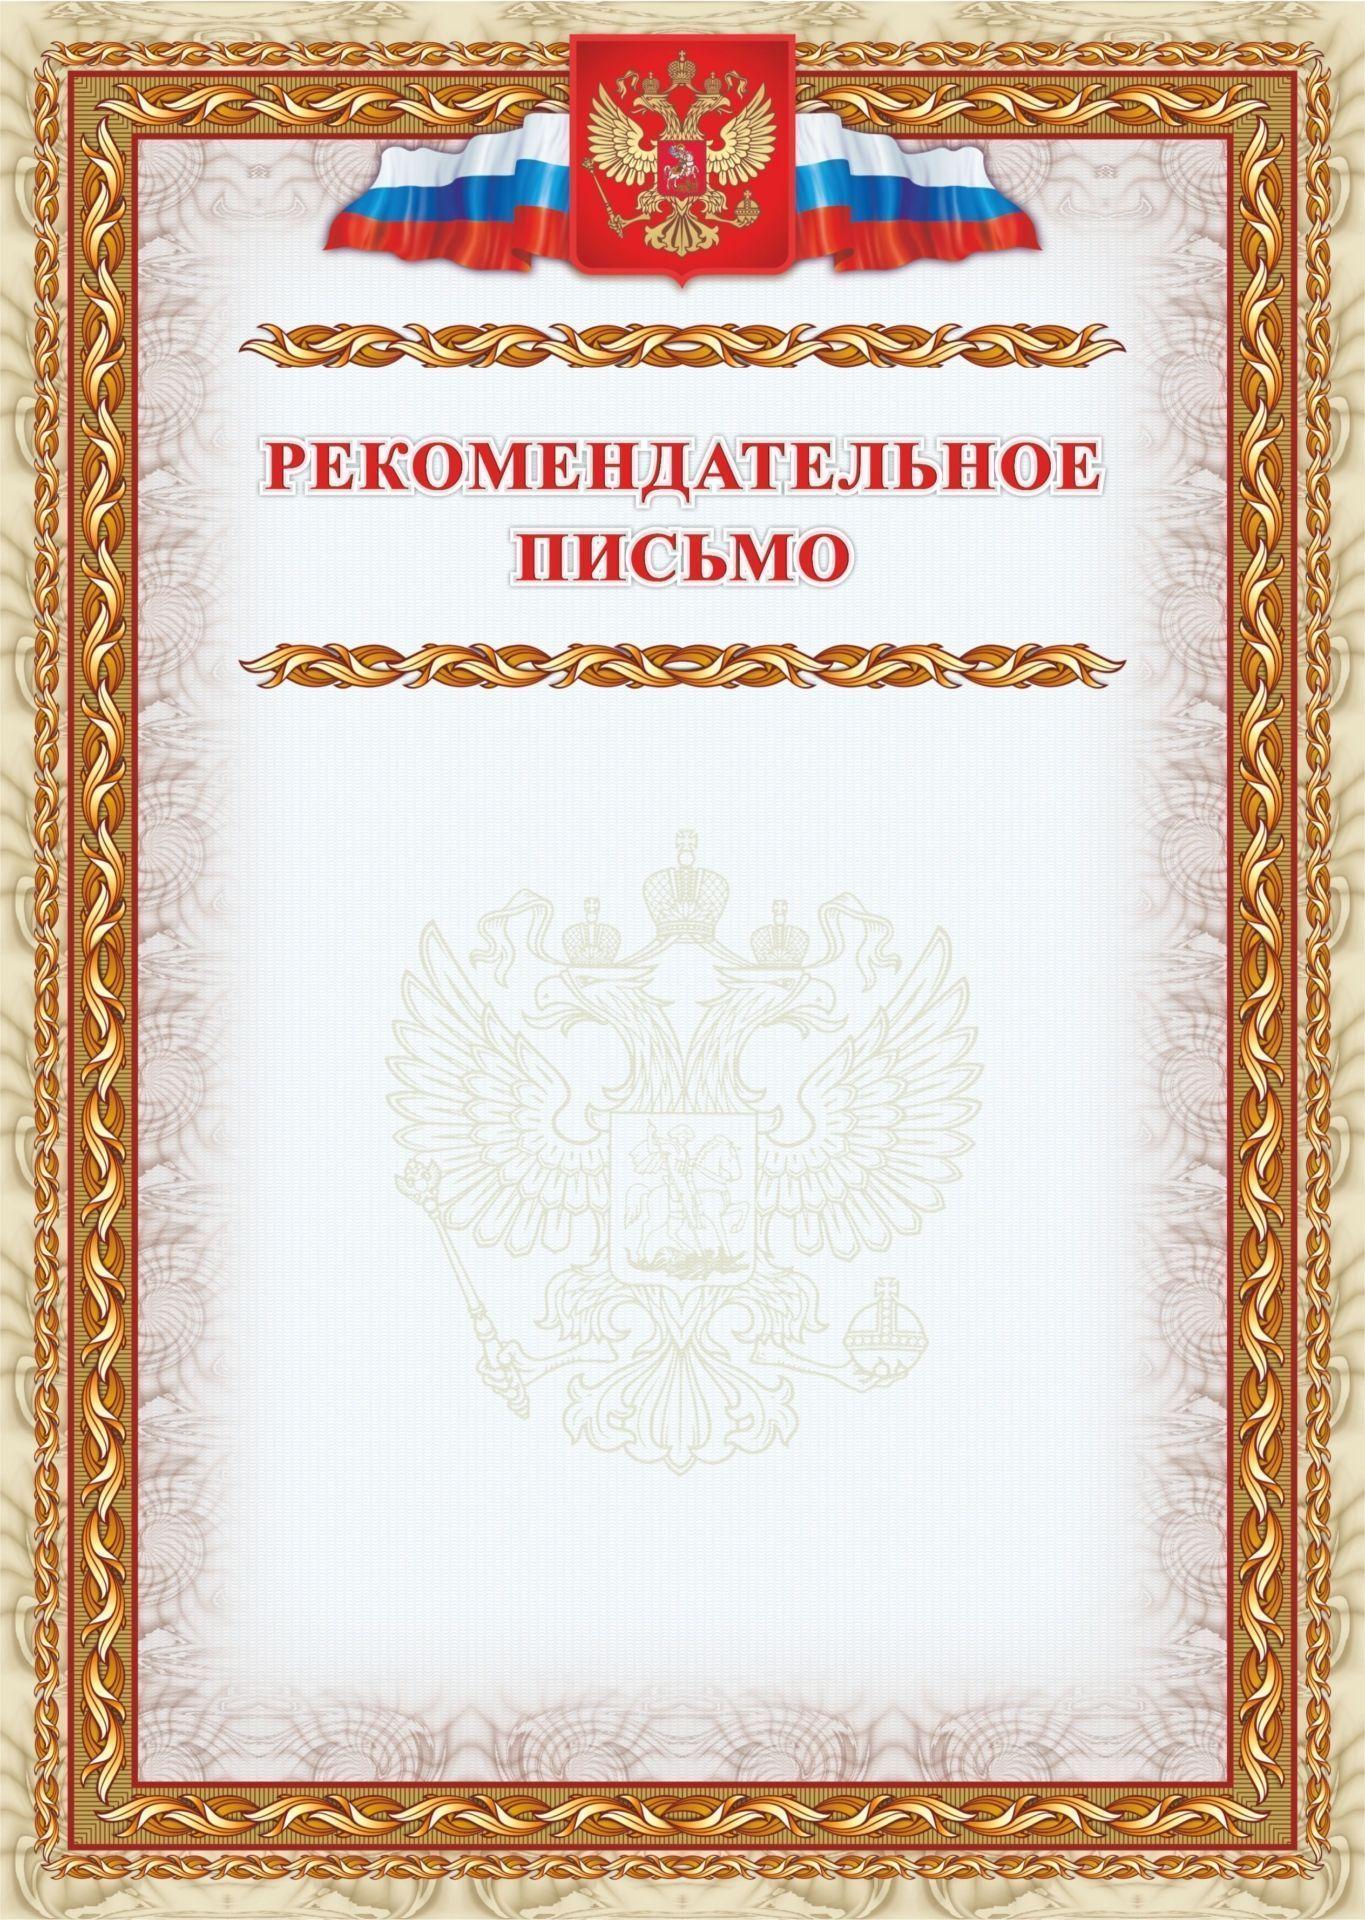 Рекомендательное письмо: (Формат А4, бумага мелованная матовая пл. 250 гр.)